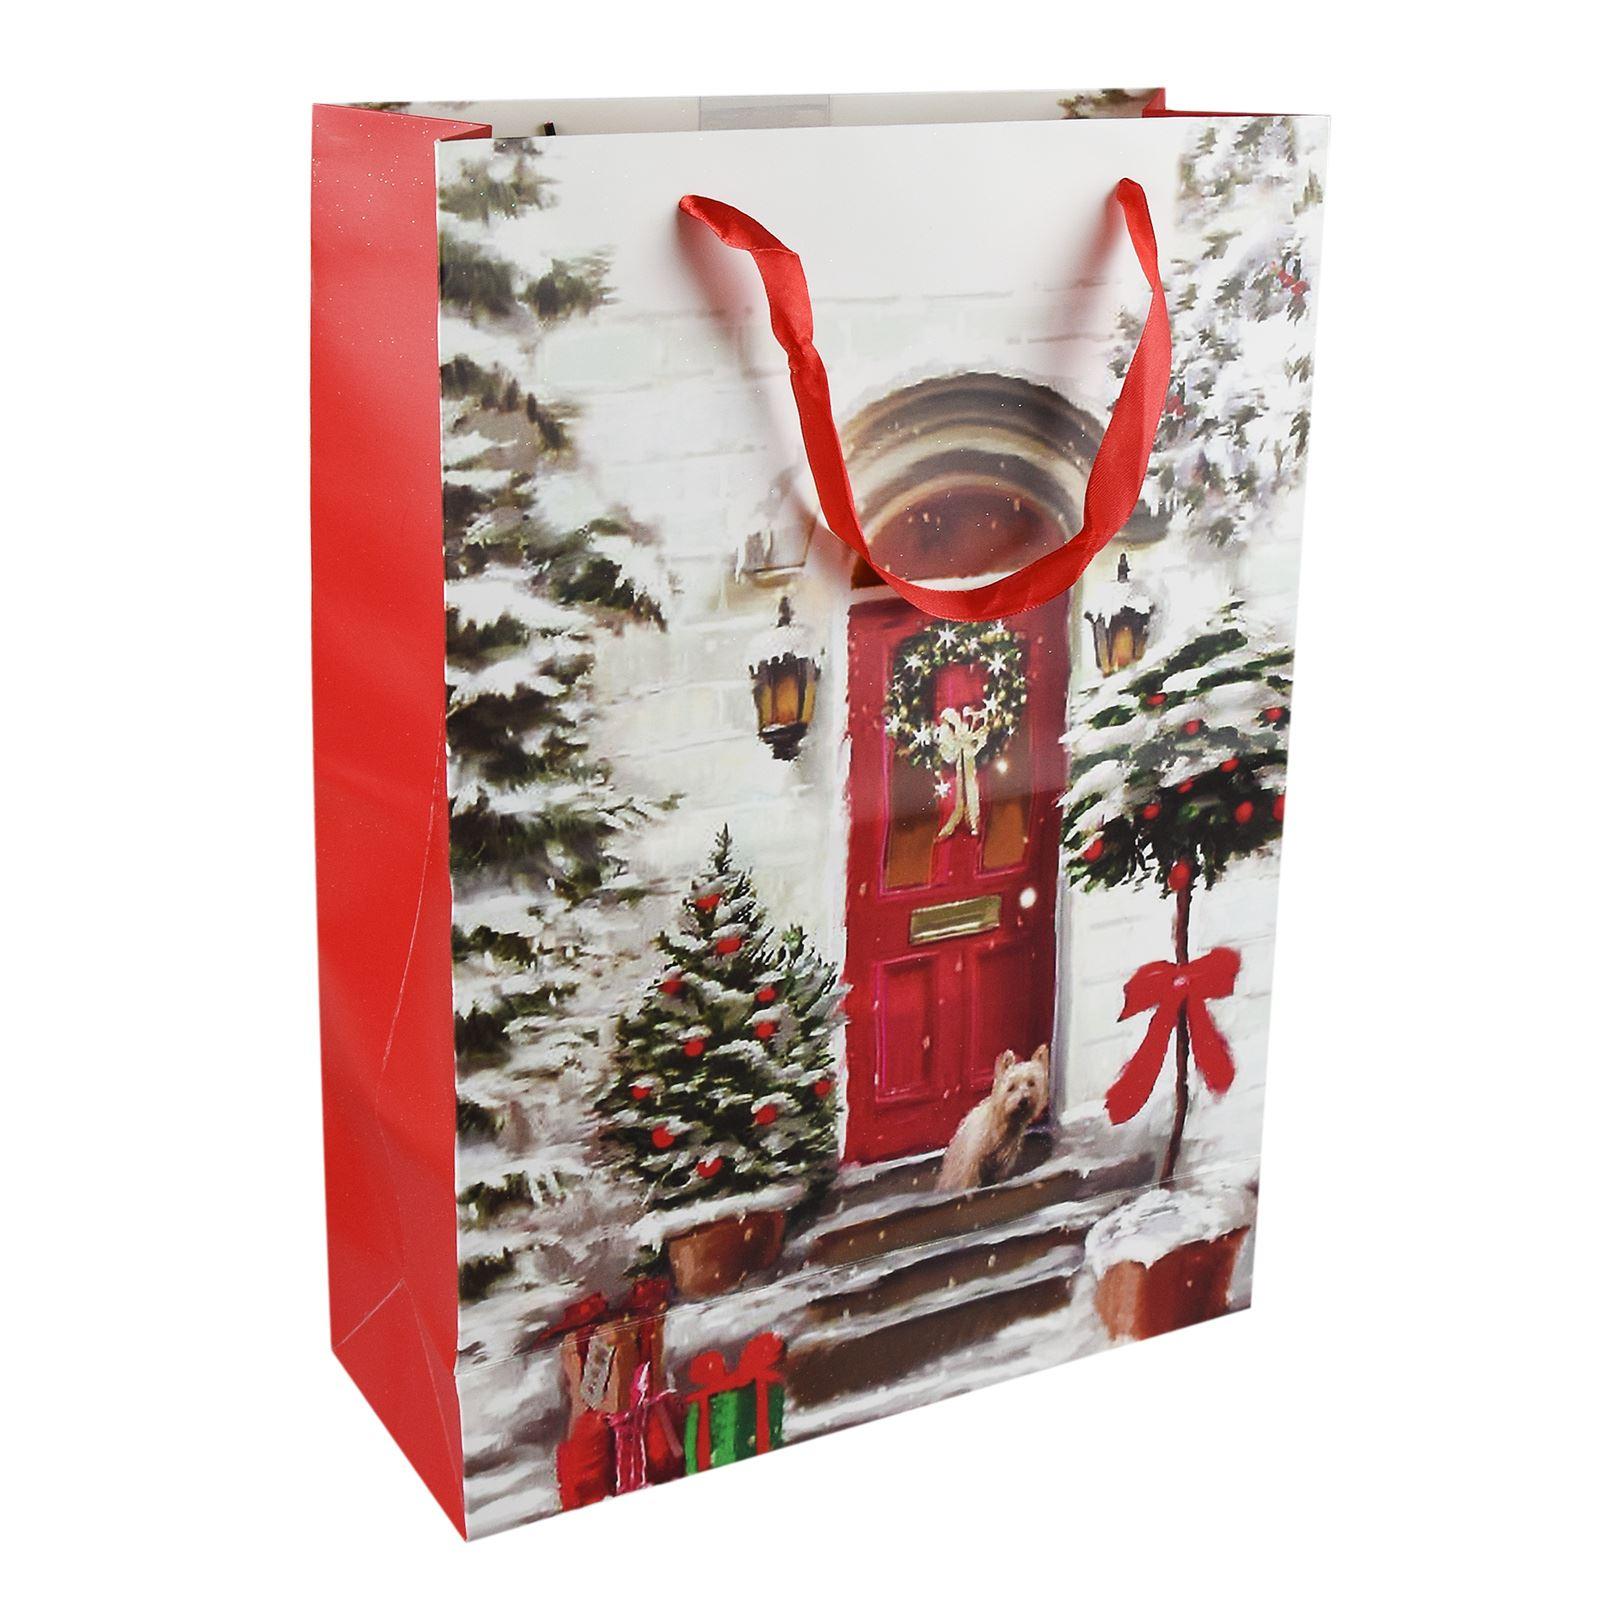 Tradizionale-Regalo-di-Natale-Borse-Regalo-Natale-Inverno-Glitter-Design-Paper-Carrier miniatura 18